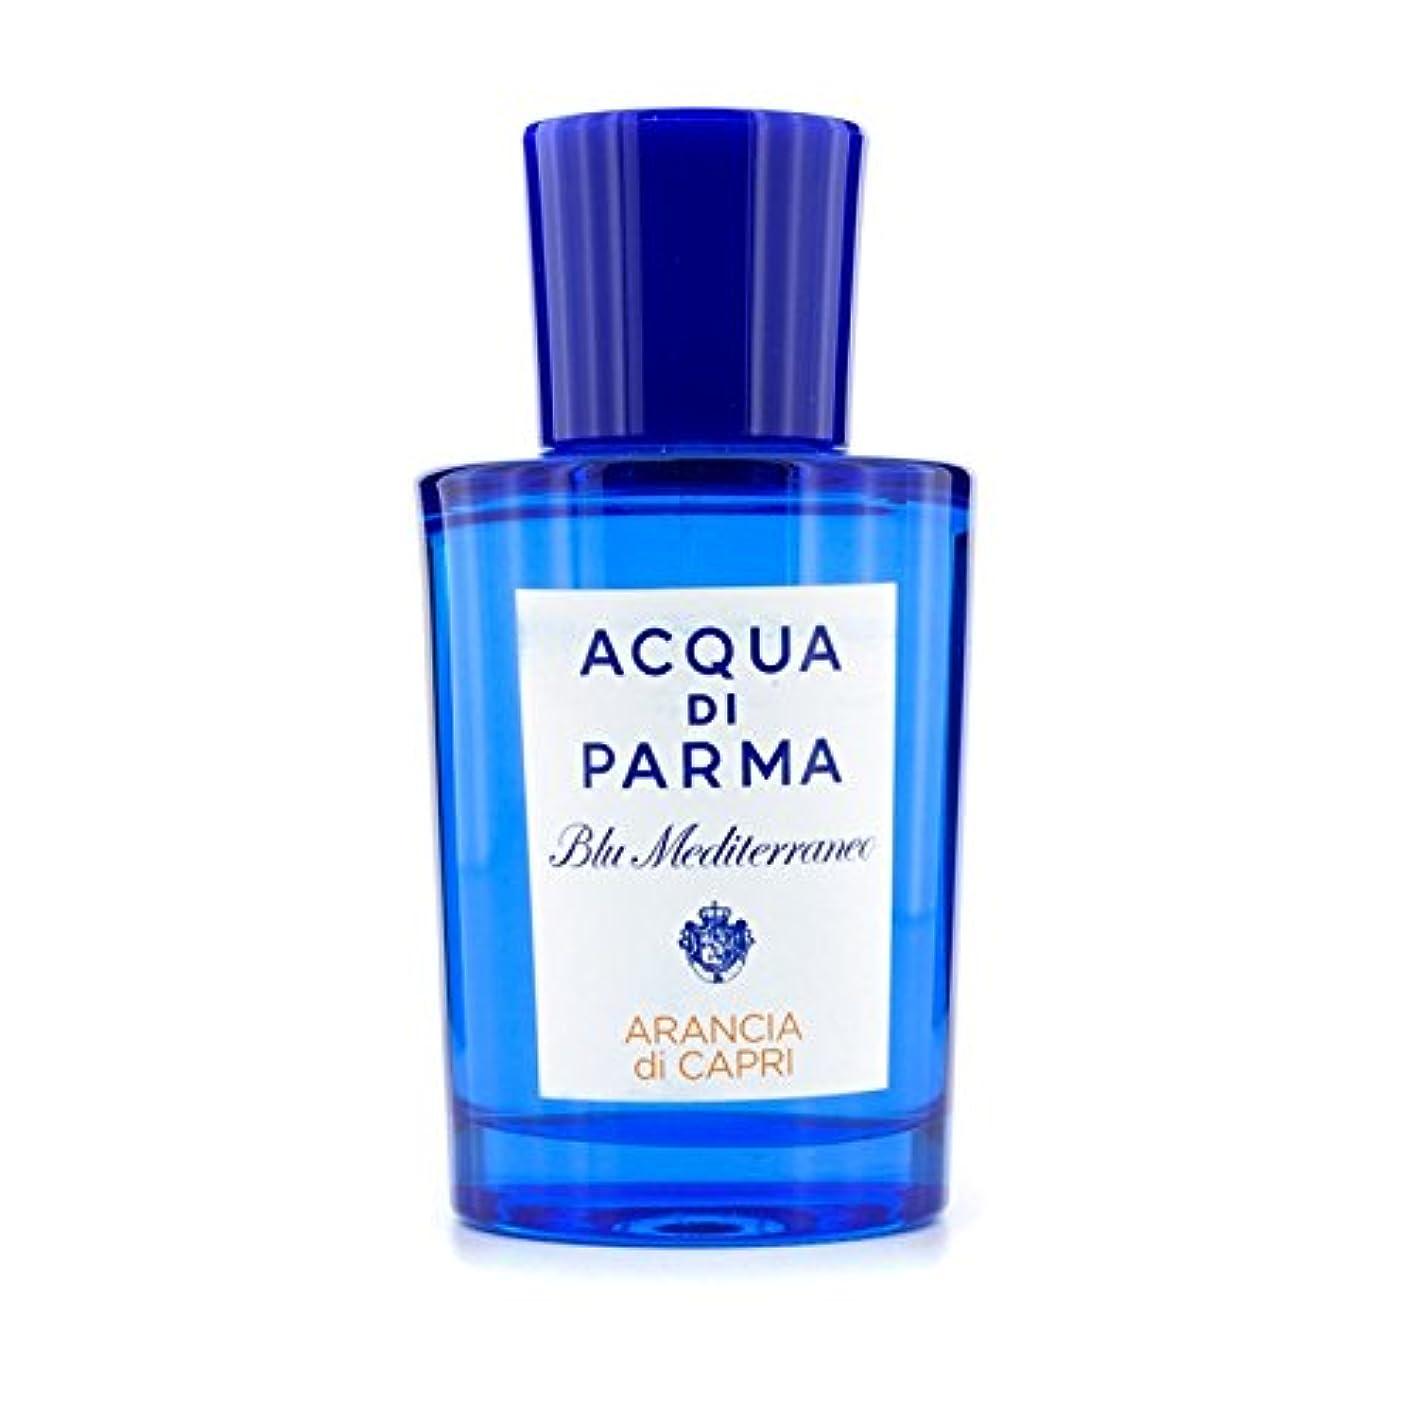 目的役に立たない高さアクアディパルマ Acqua di Parma ブルーメディテラネオ アランシア ディ カプリ 75ml EDT オーデトワレスプレー